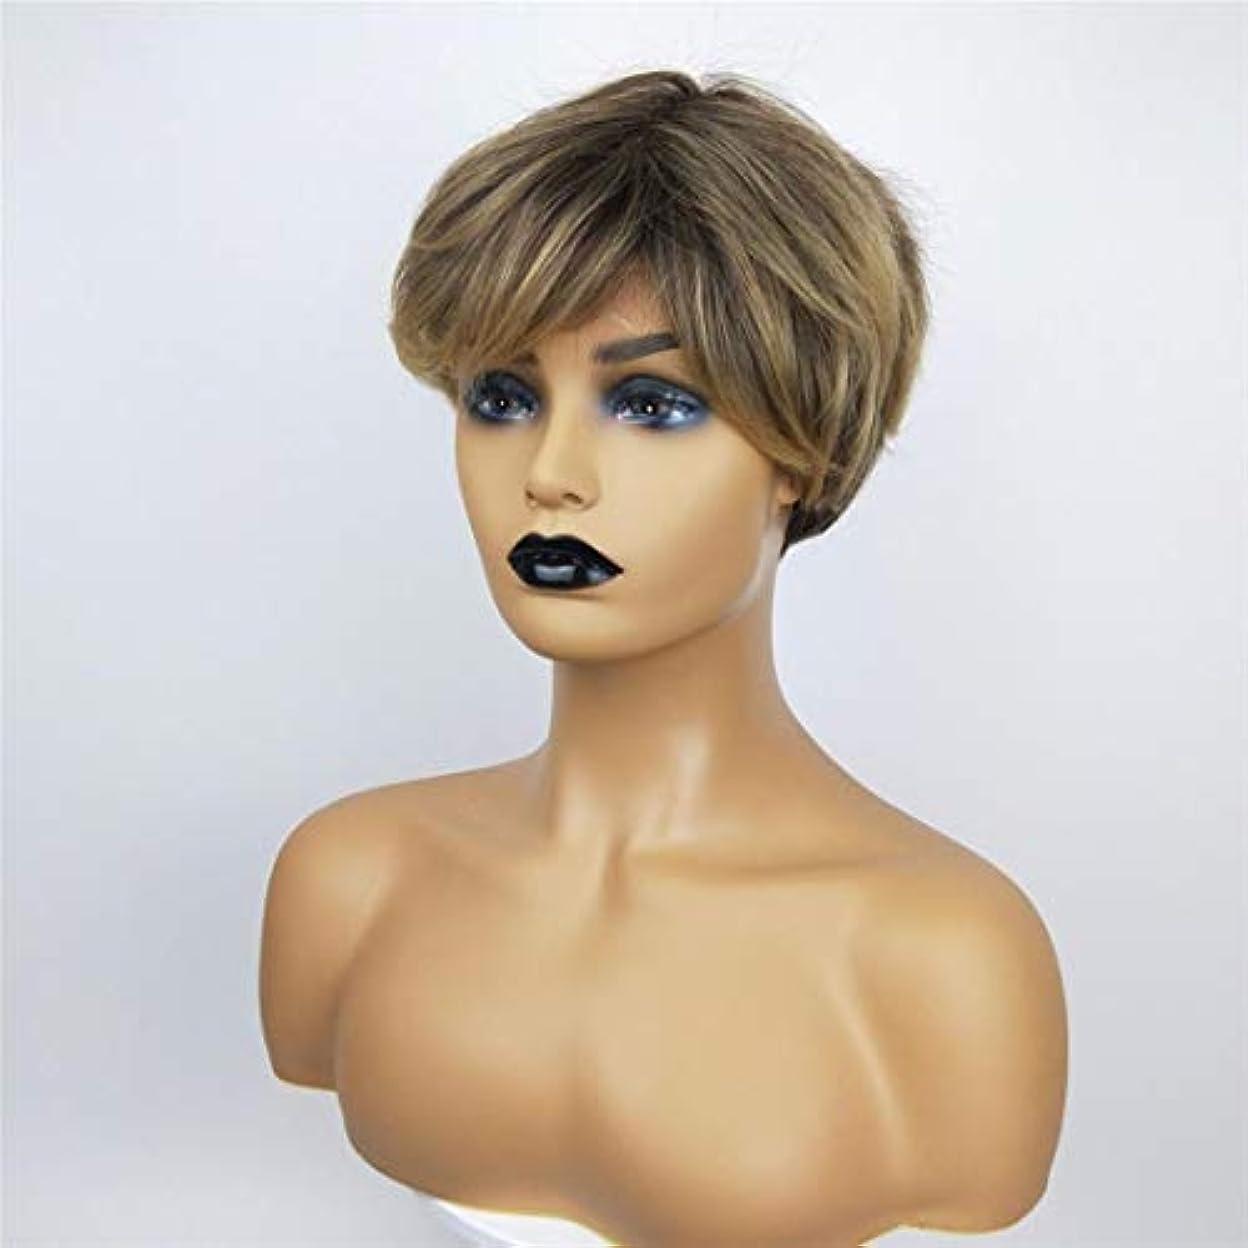 チート生配送Summerys 女性のための短い巻き毛のかつら高温シルクケミカルファイバーウィッグヘッドギア